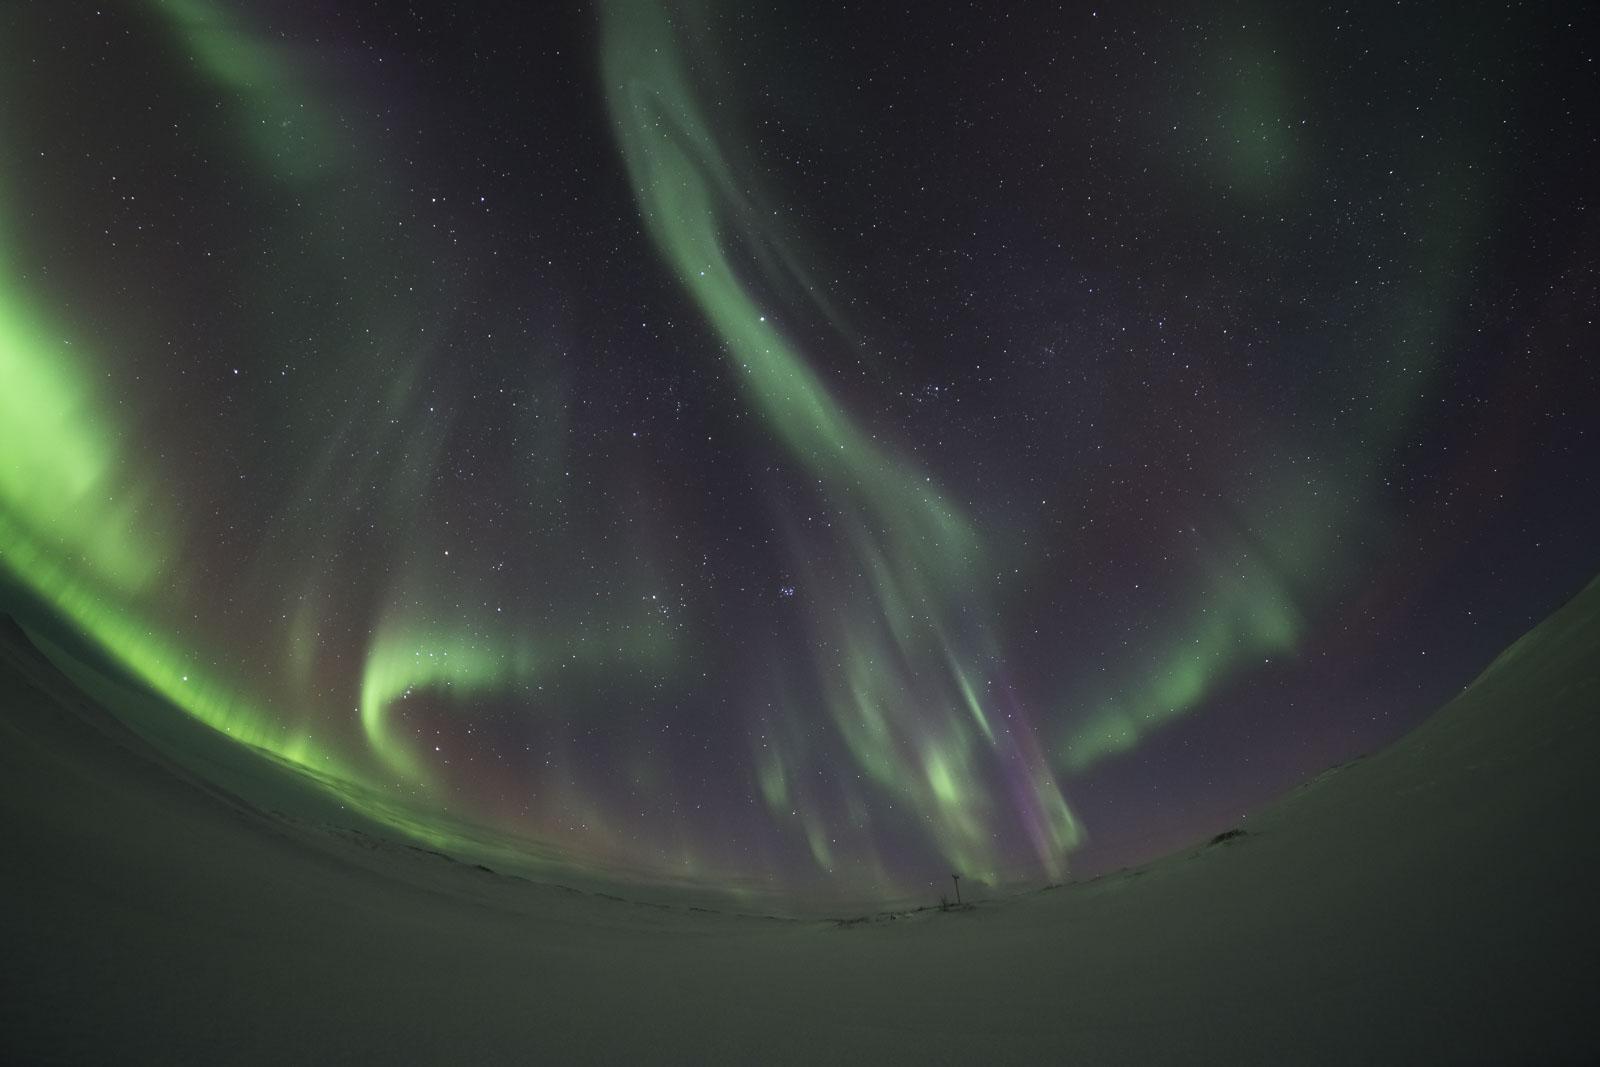 aurorafishy-1.jpg